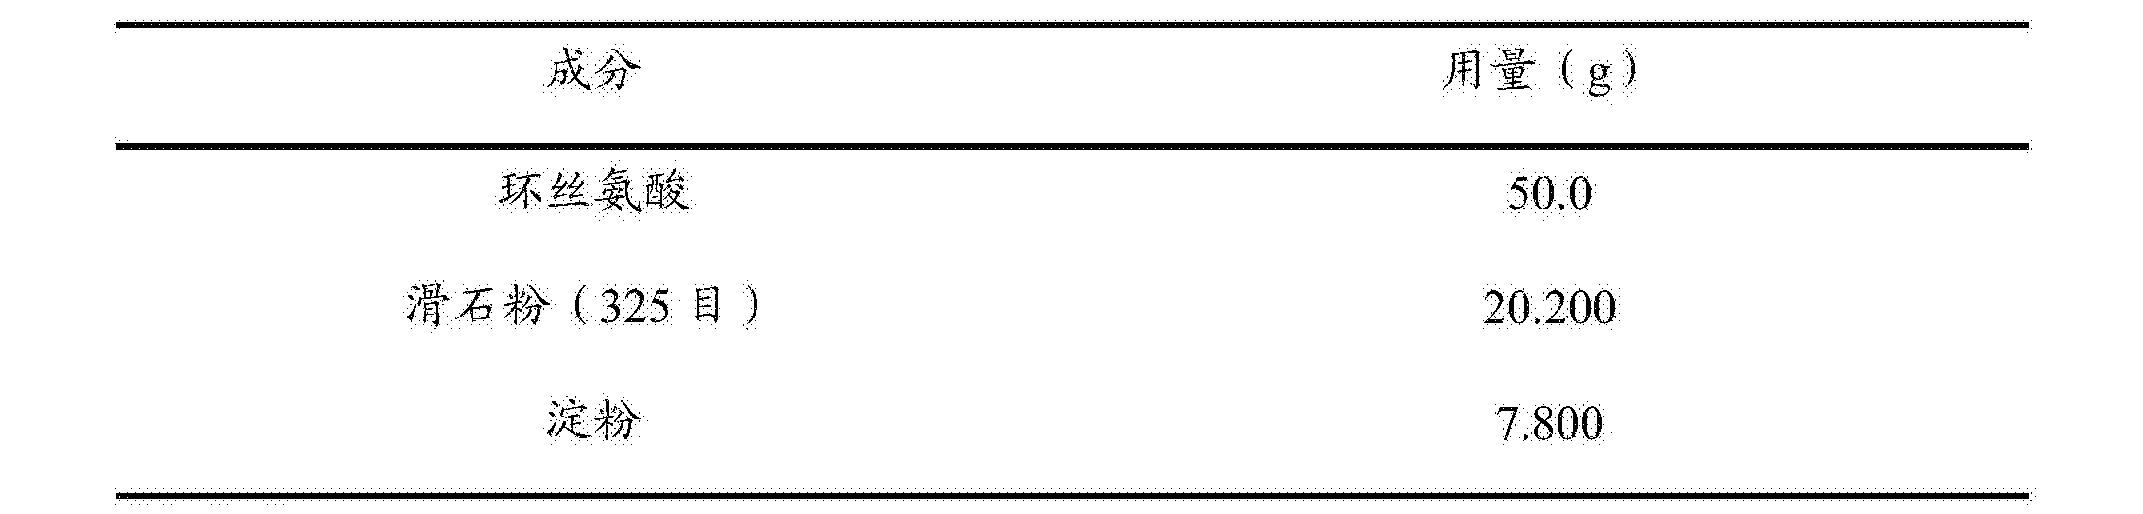 Figure CN105476976BD00192